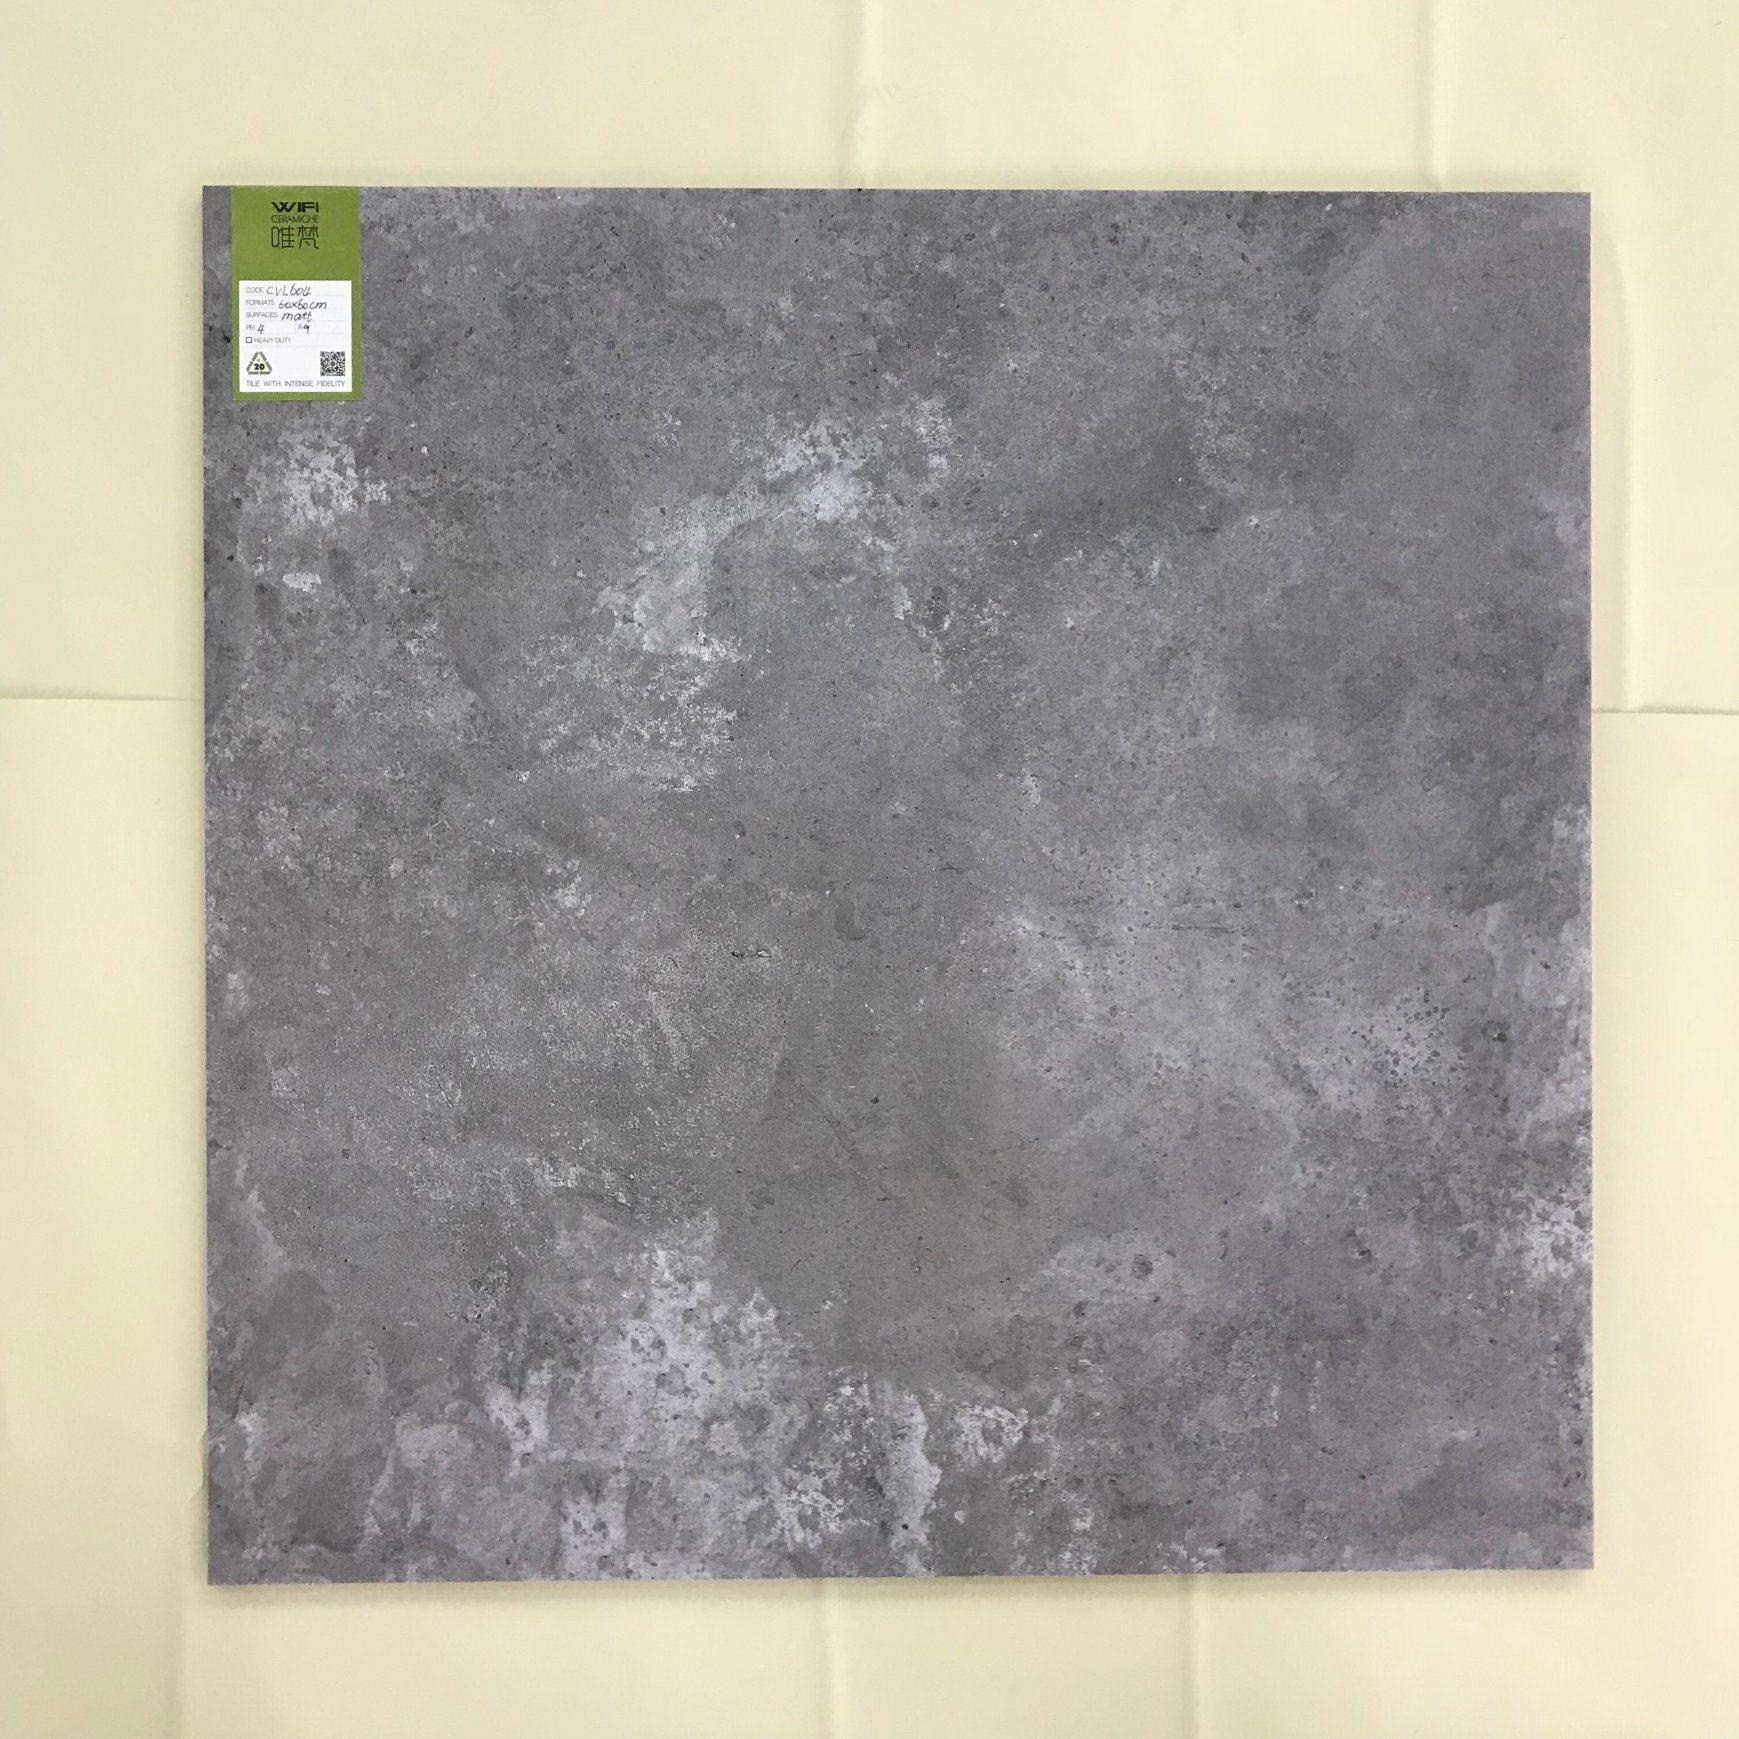 China Building Materials Floor Tile Interior Concrete Porcelain Tile